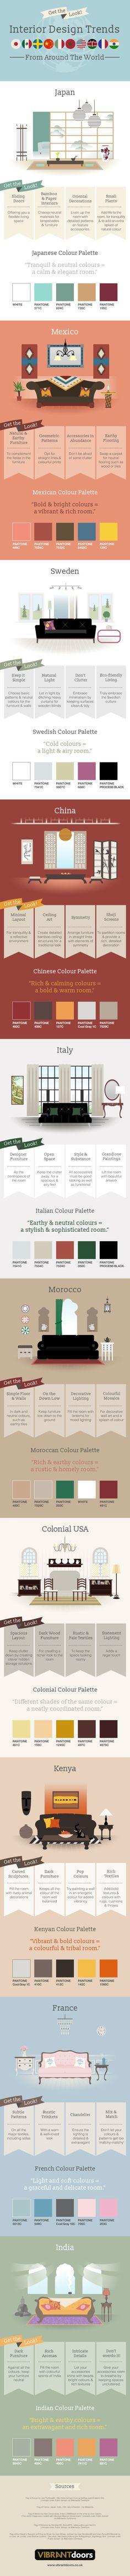 Take a look at interior design styles from around the world.  | Deloufleur Decor & Designs | (618) 985-3355 | www.deloufleur.com